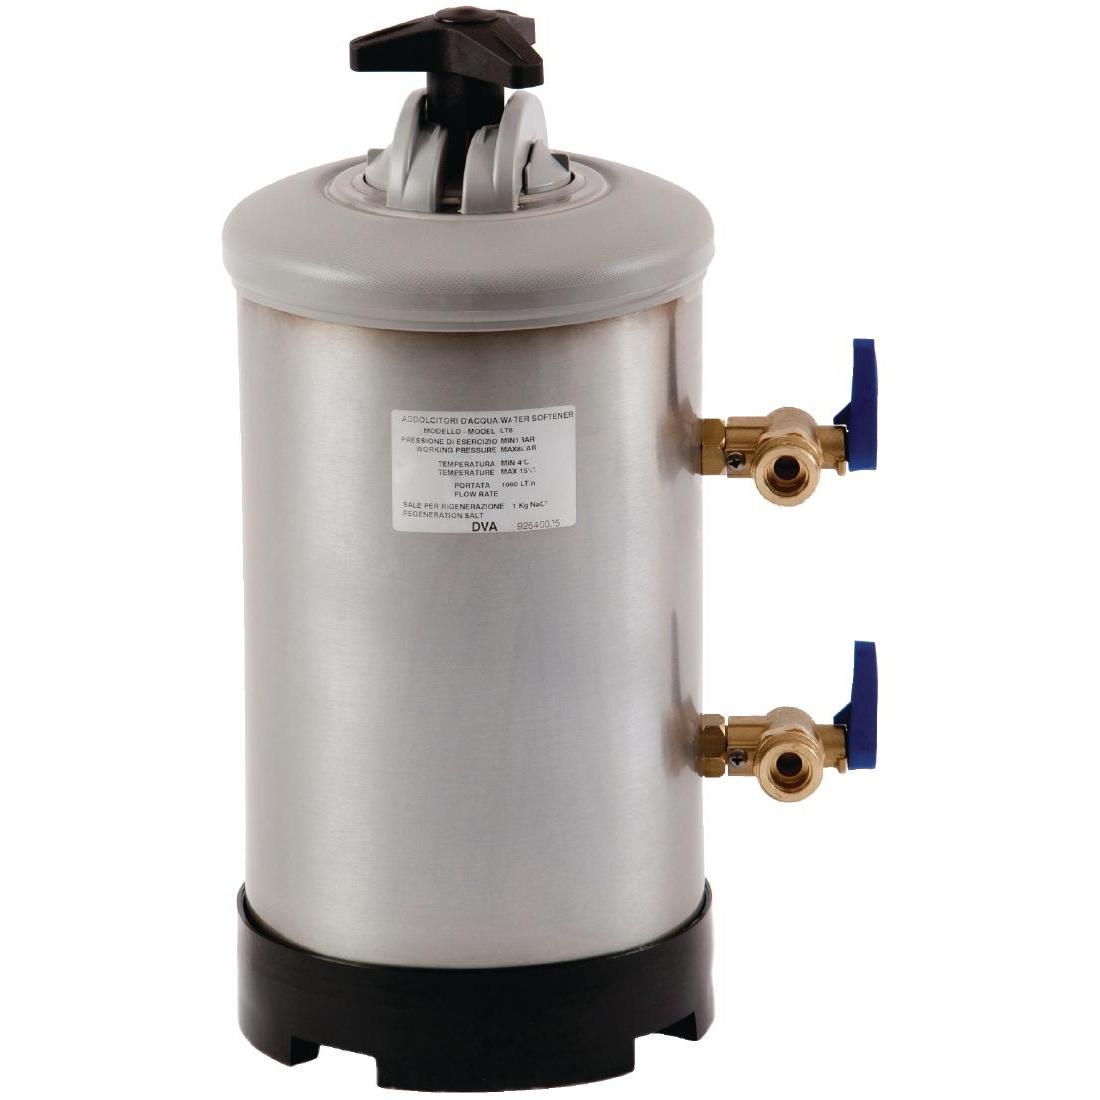 Adoucisseur d\'eau manuel pour lave-vaisselle et lave-verres Classeq 8L